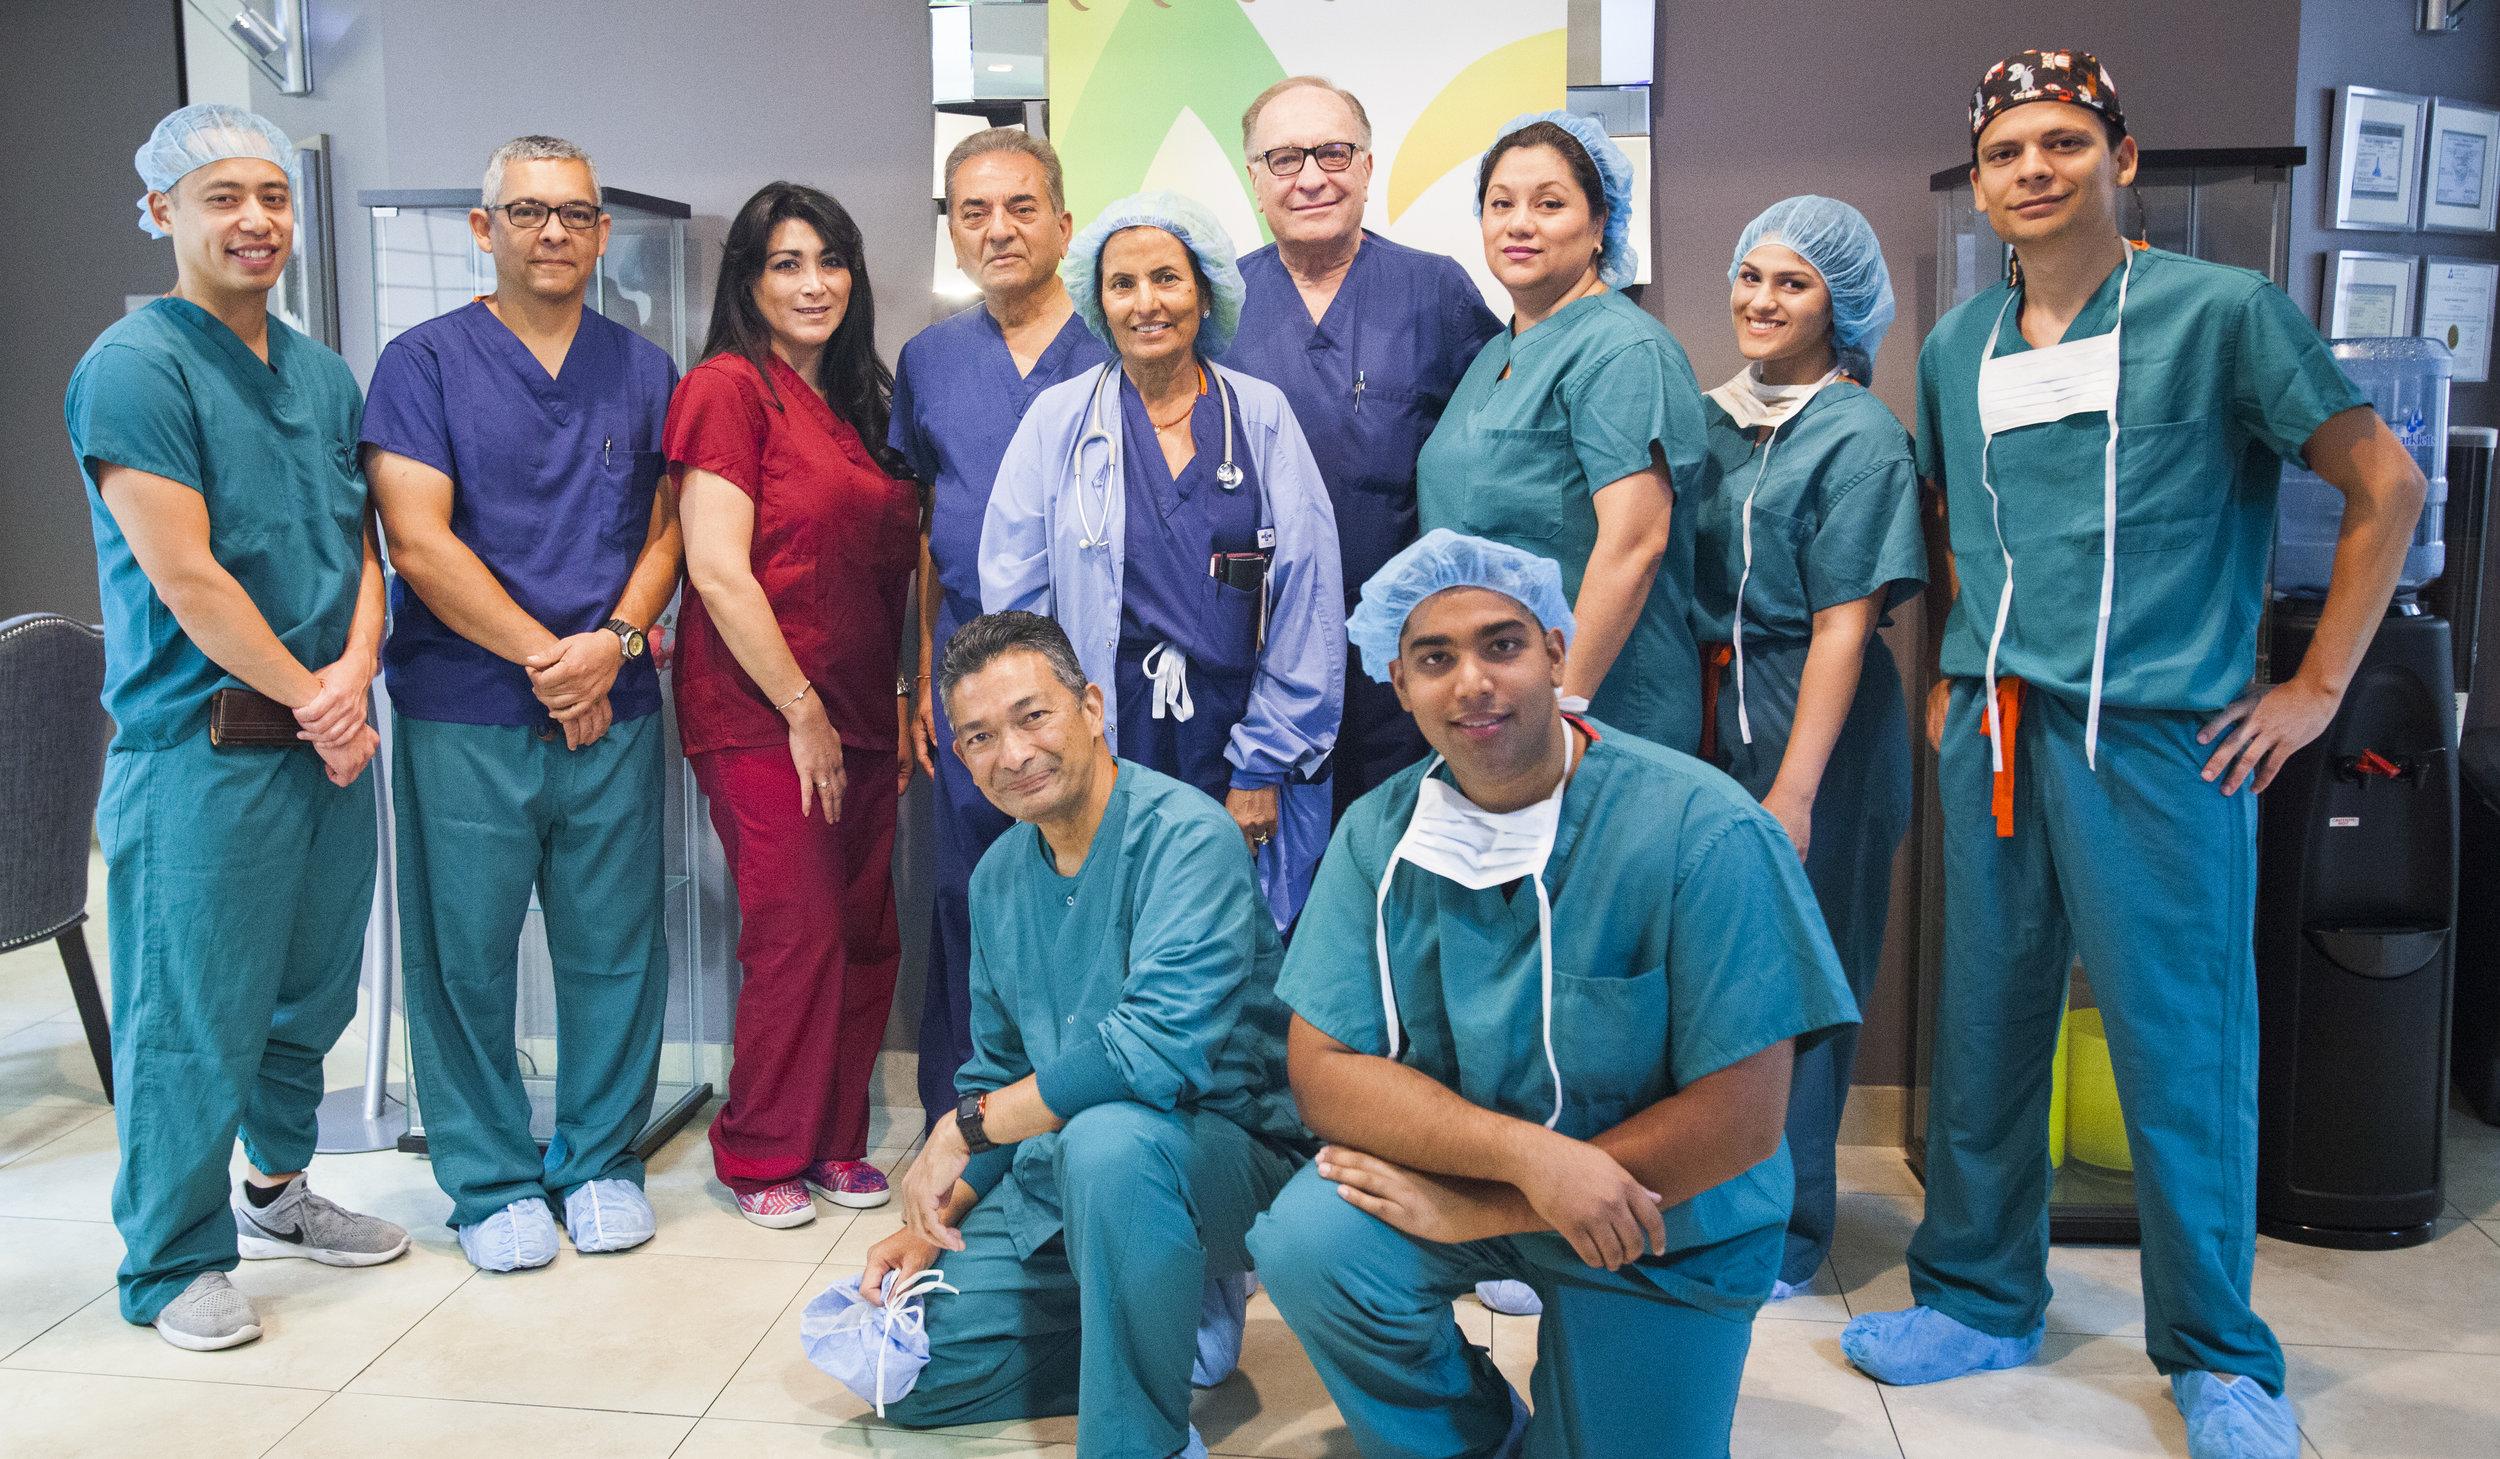 Beverly surgery center team